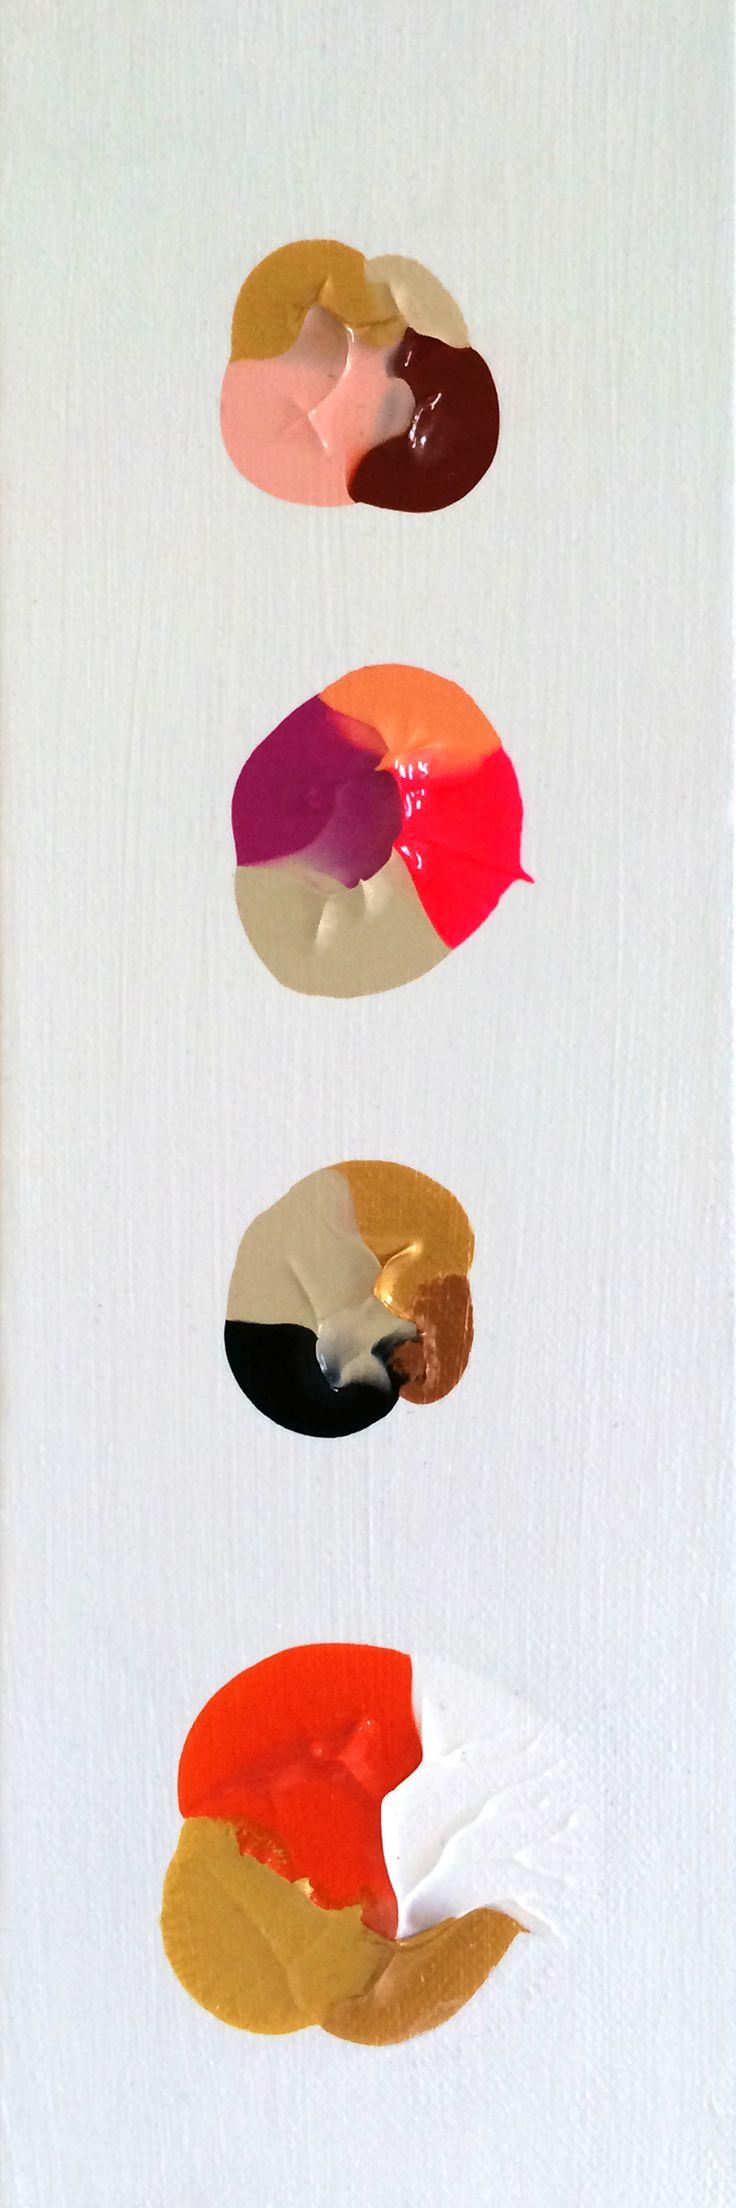 Color Quads | Logan Ledford Art - Dos personas besándose, ???, una persona hecha un bollo, un león =D